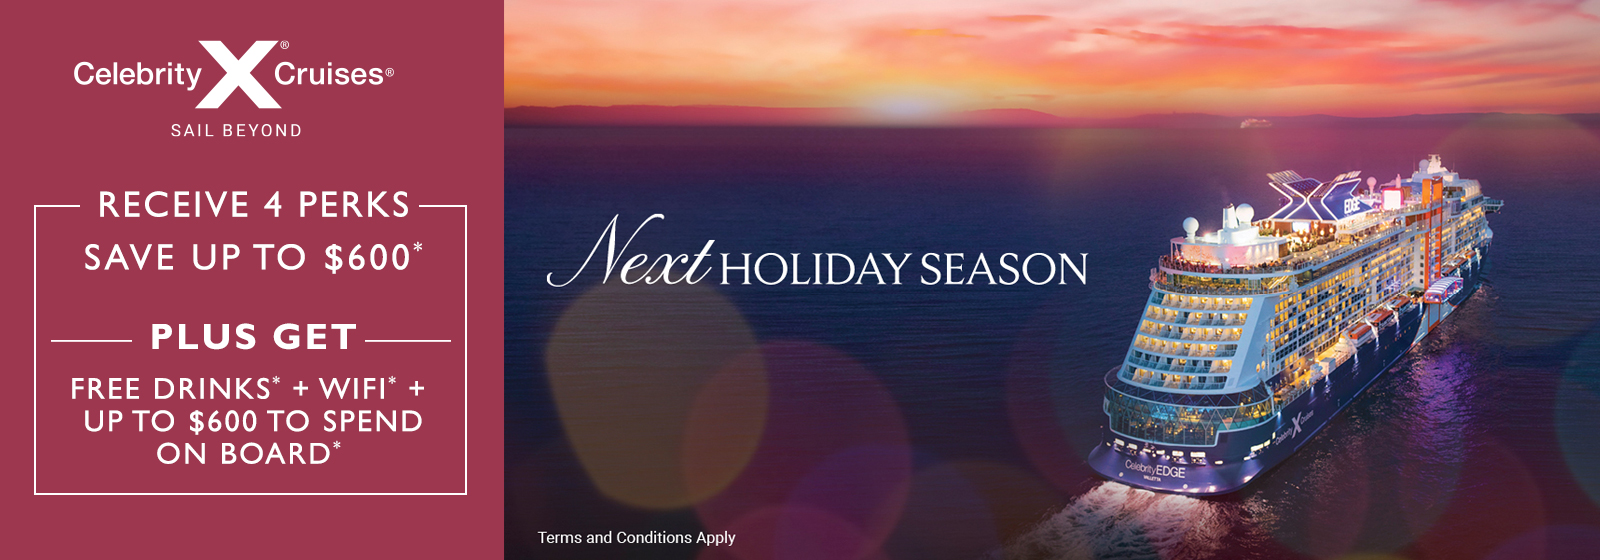 celebrity-next-holiday-1